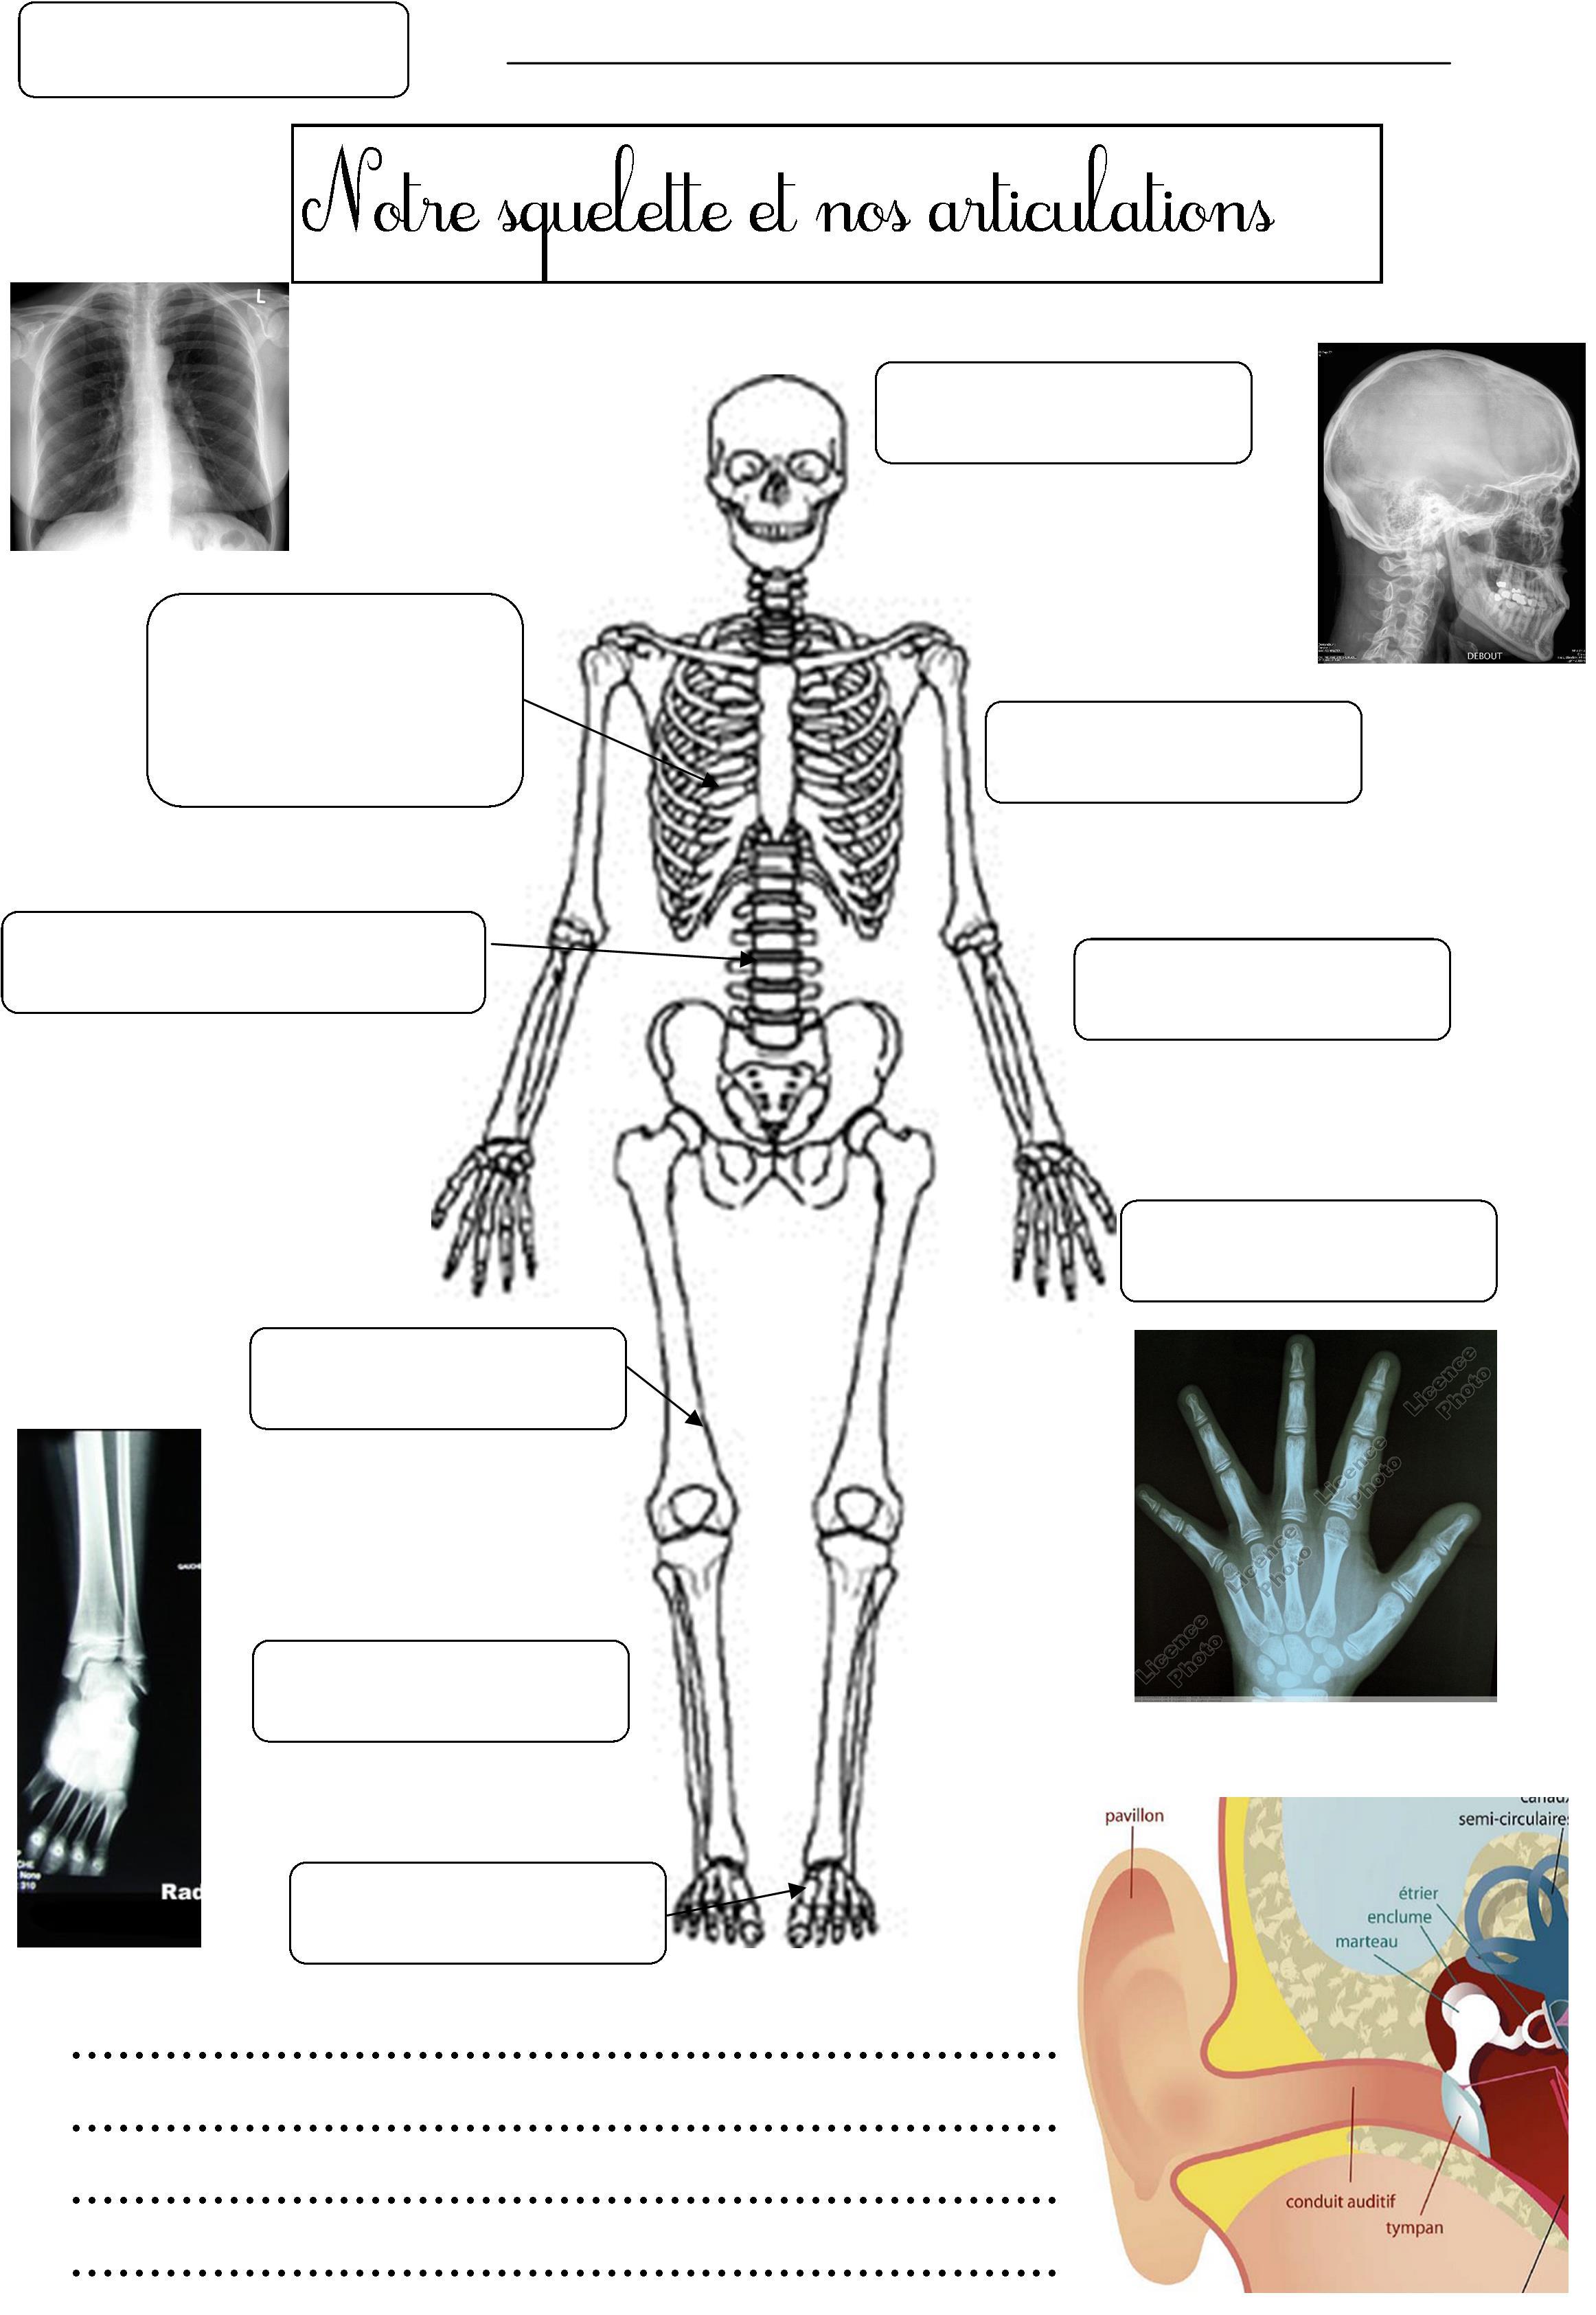 Squelette Et Articulations | Le Blog De Monsieur Mathieu tout Squelette A Imprimer